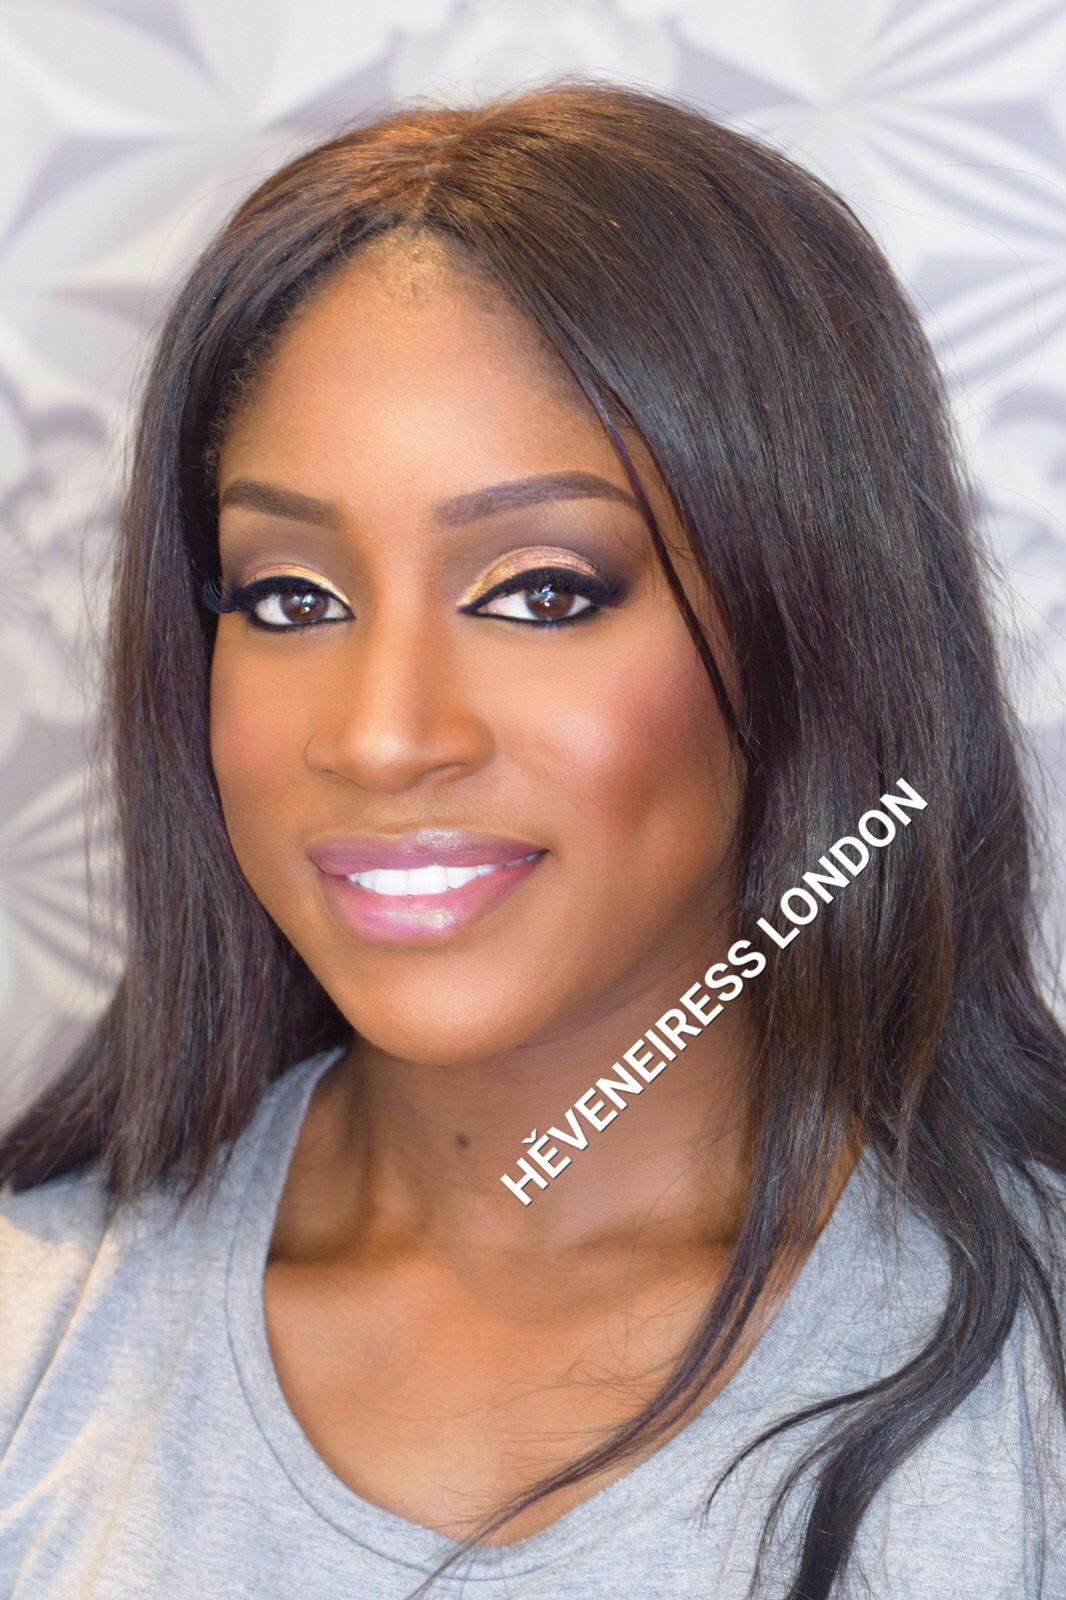 ... heveneiress london - london makeup artists - bridal makeup artists - black makeup artists in london ...